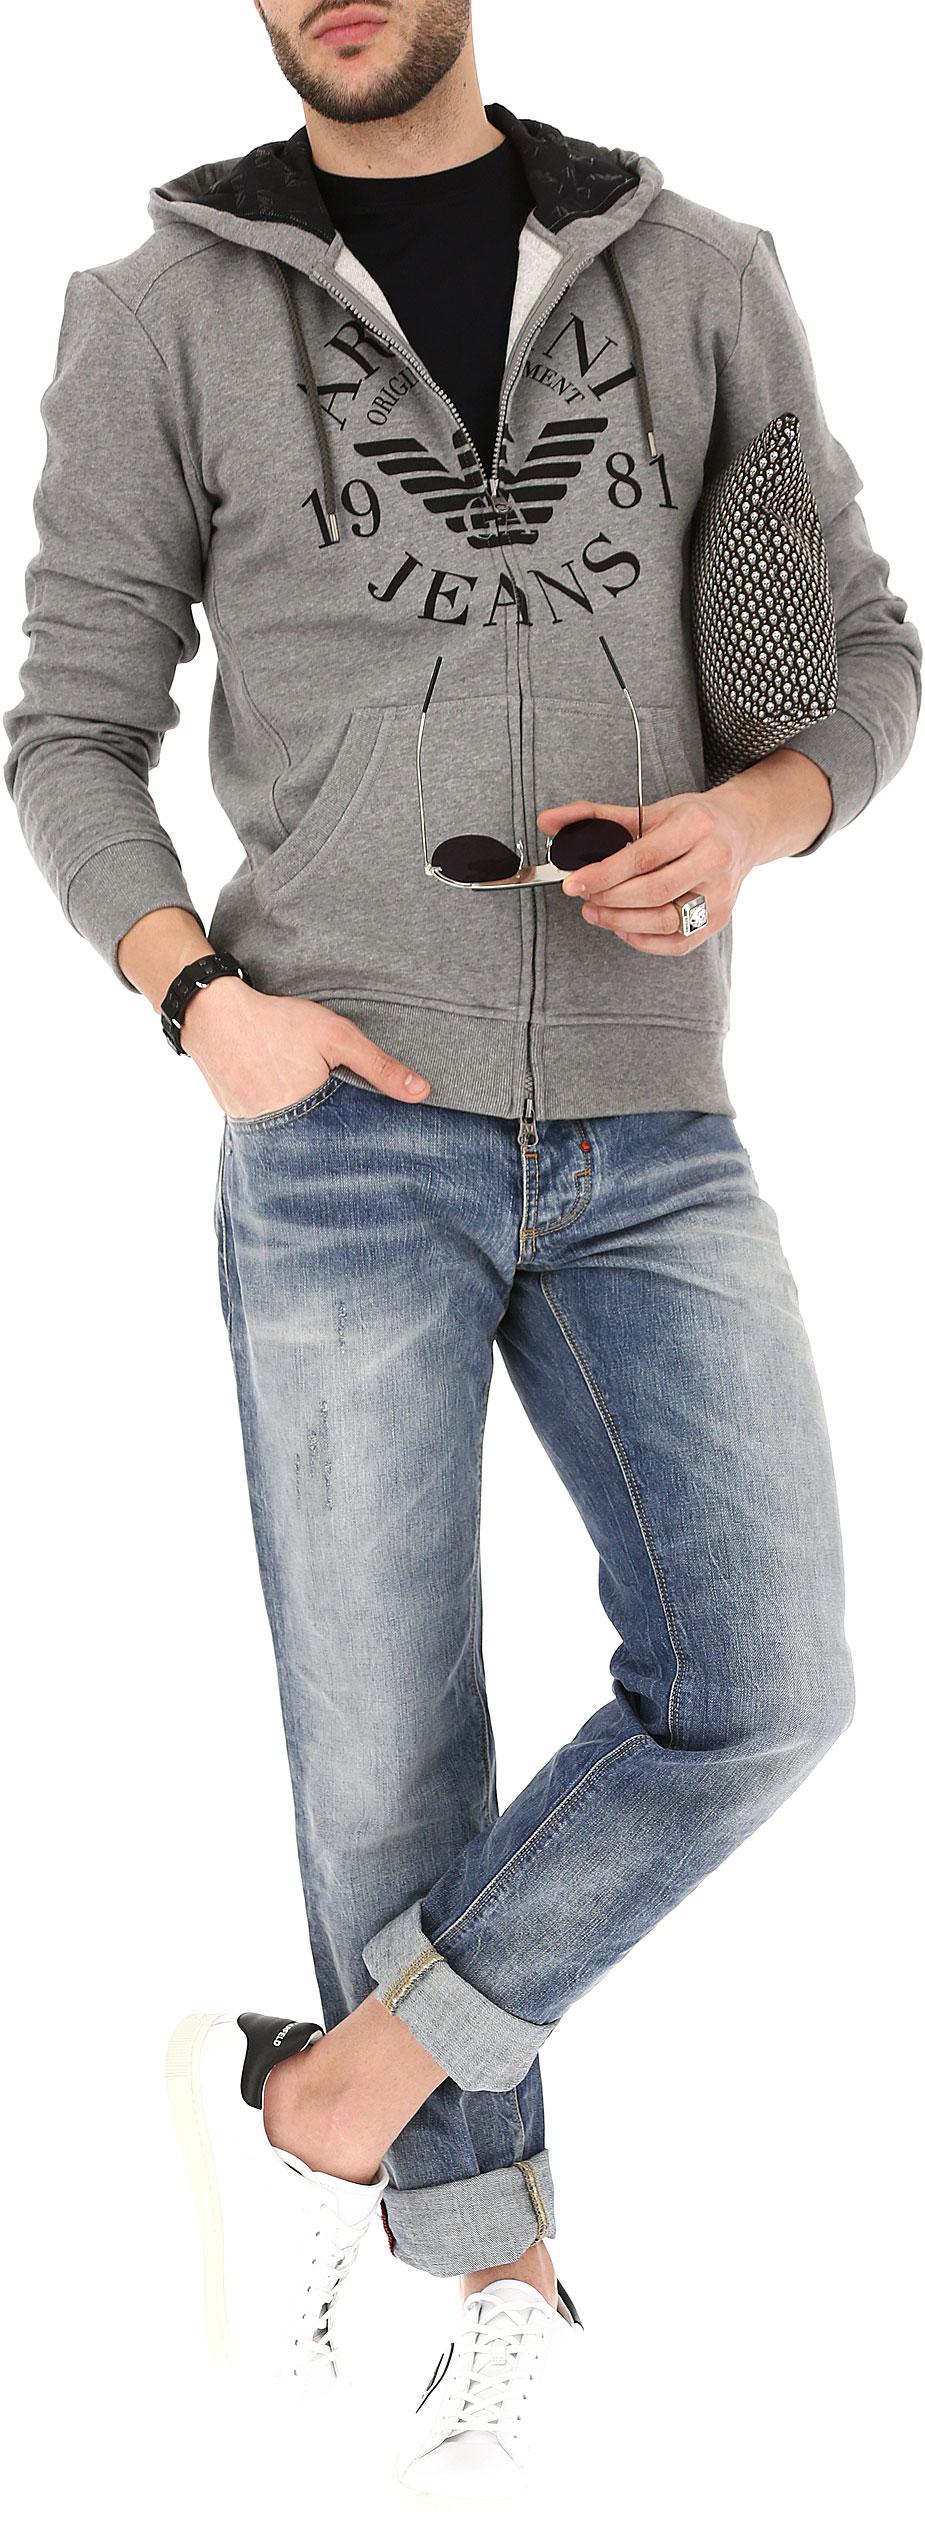 Abbigliamento Uomo Emporio Armani, Codice Articolo: 06m34-rn-2q